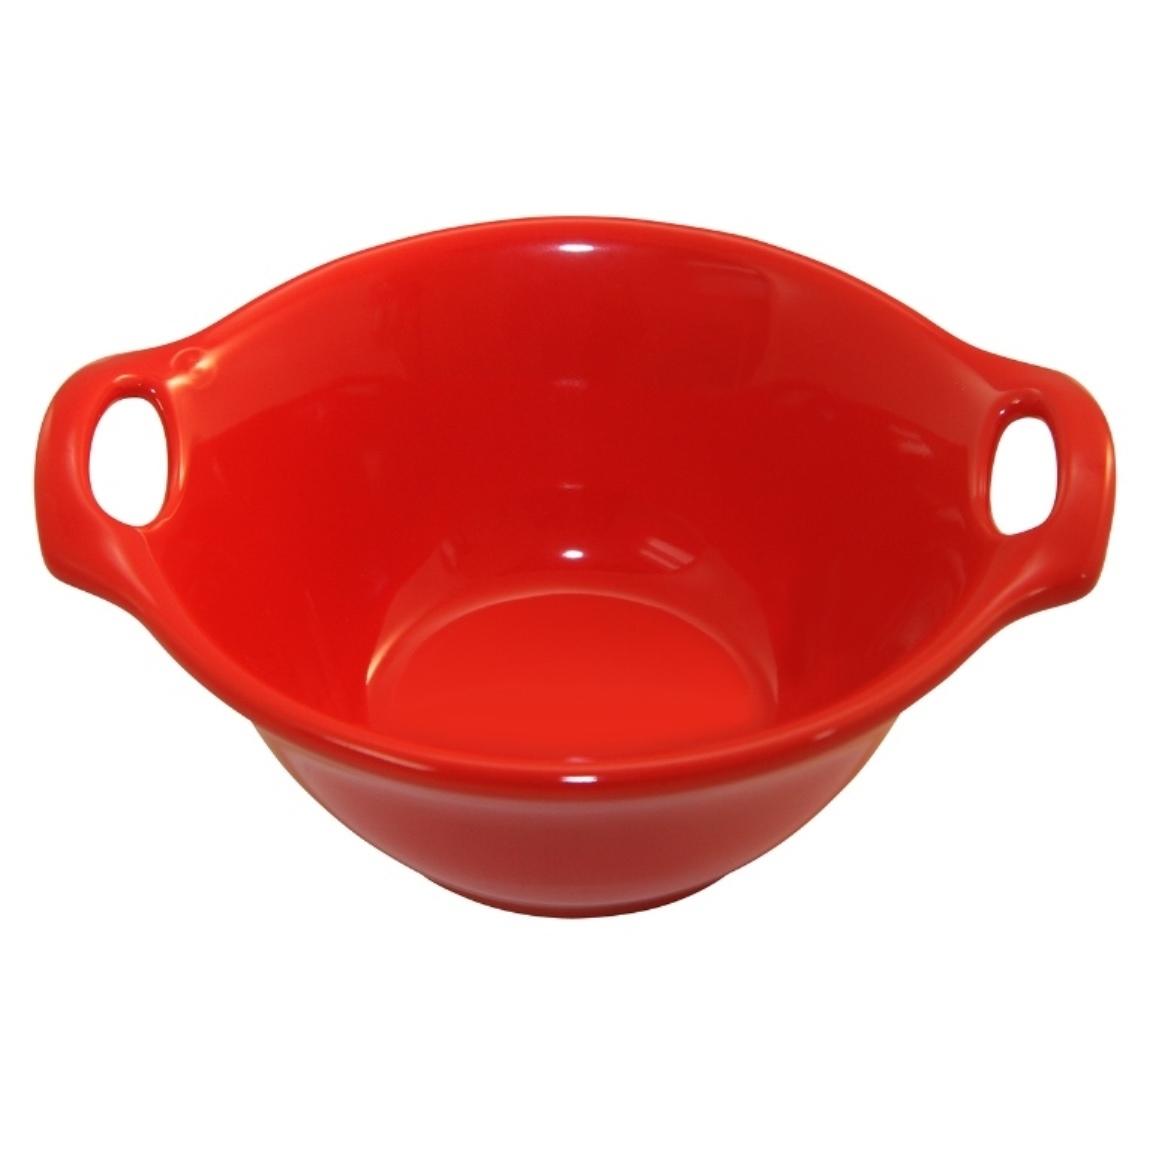 Салатник 1,6 л Appolia Harmonie POPPY RED 223525503